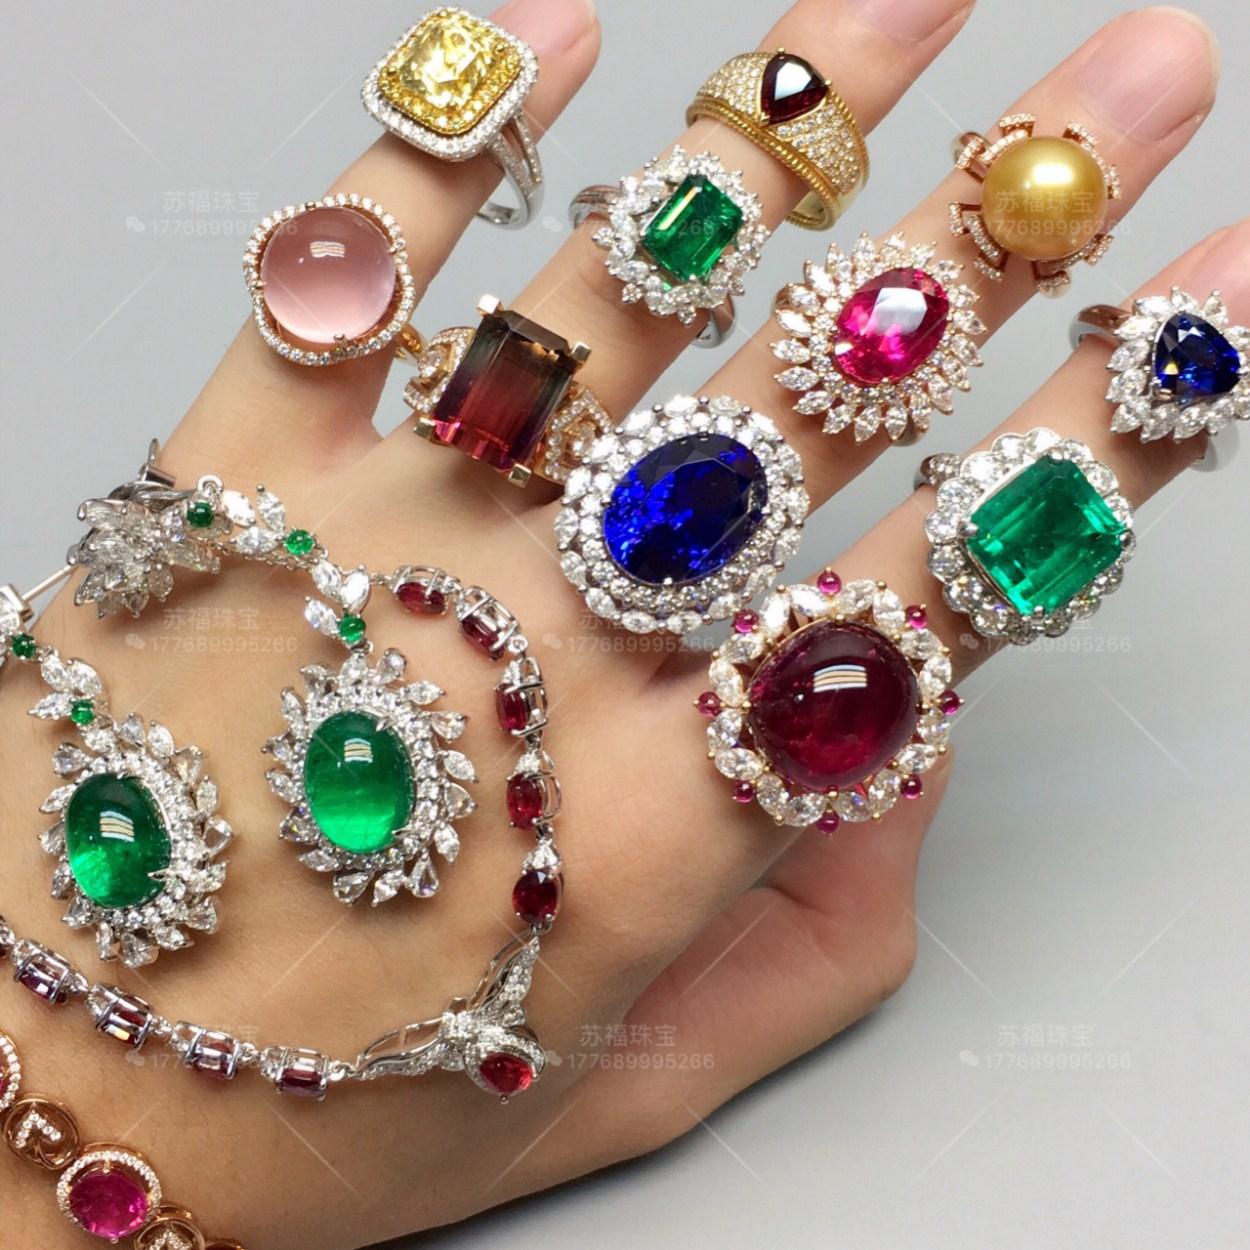 Природный цвет сокровище турмалин кольцо красный и синий сокровище изумруд опал 18K мозаика обработка сделанный на заказ